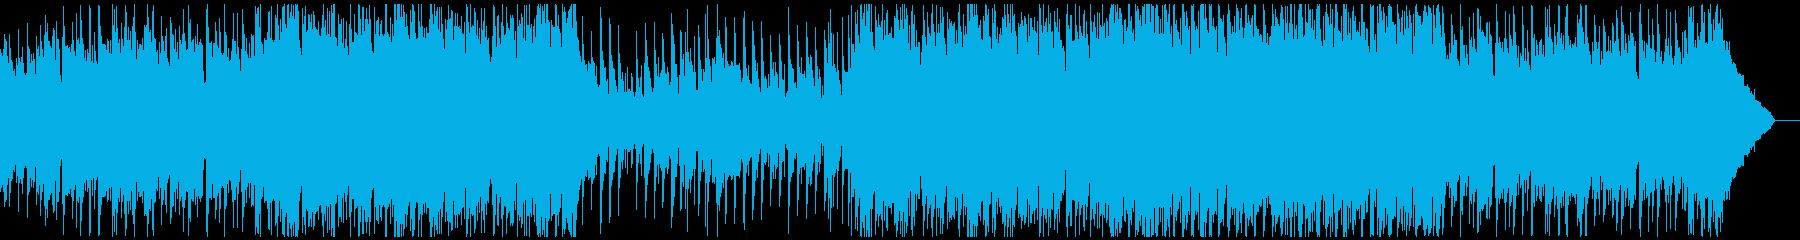 生演奏ウクレレ・穏やかな夏の日常の再生済みの波形